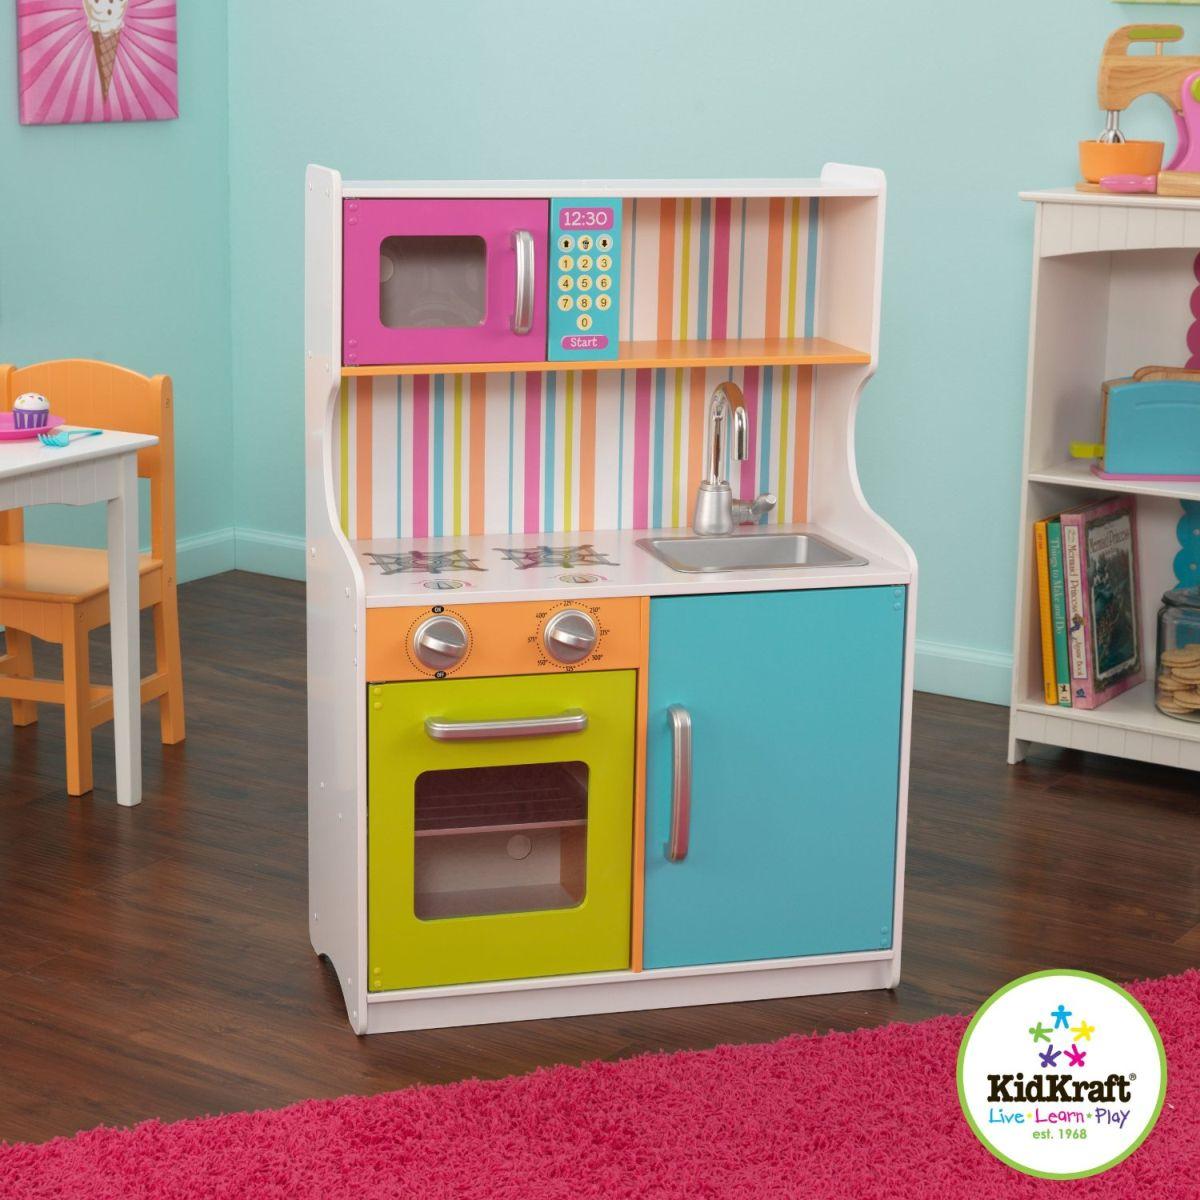 Kidkraft cuisine enfant au couleurs vives 53294 car - Cuisine enfant kidkraft ...